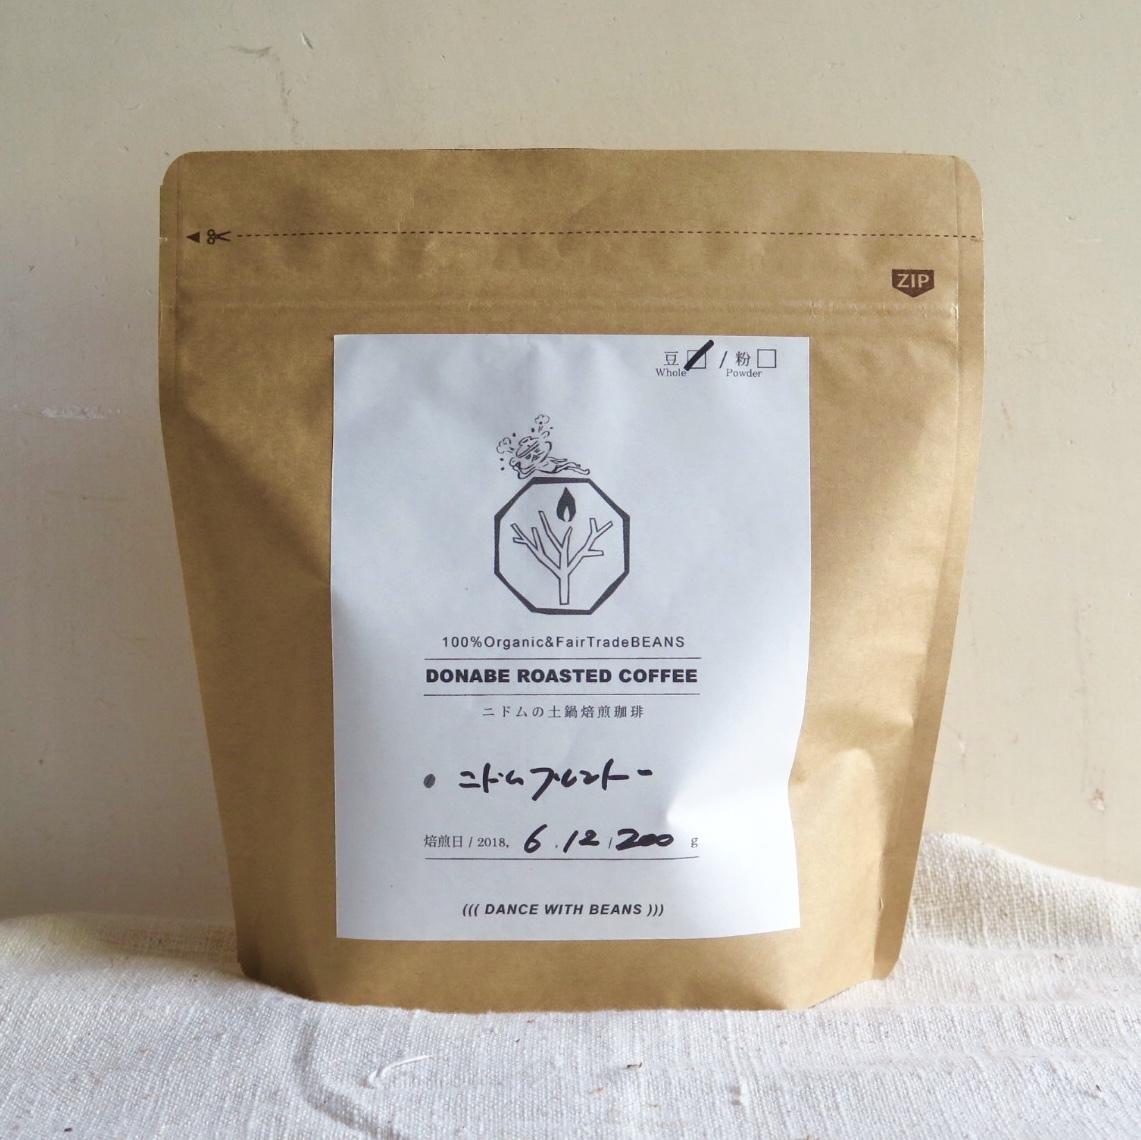 土鍋焙煎ニドムブレンドコーヒー豆 200g - 画像1